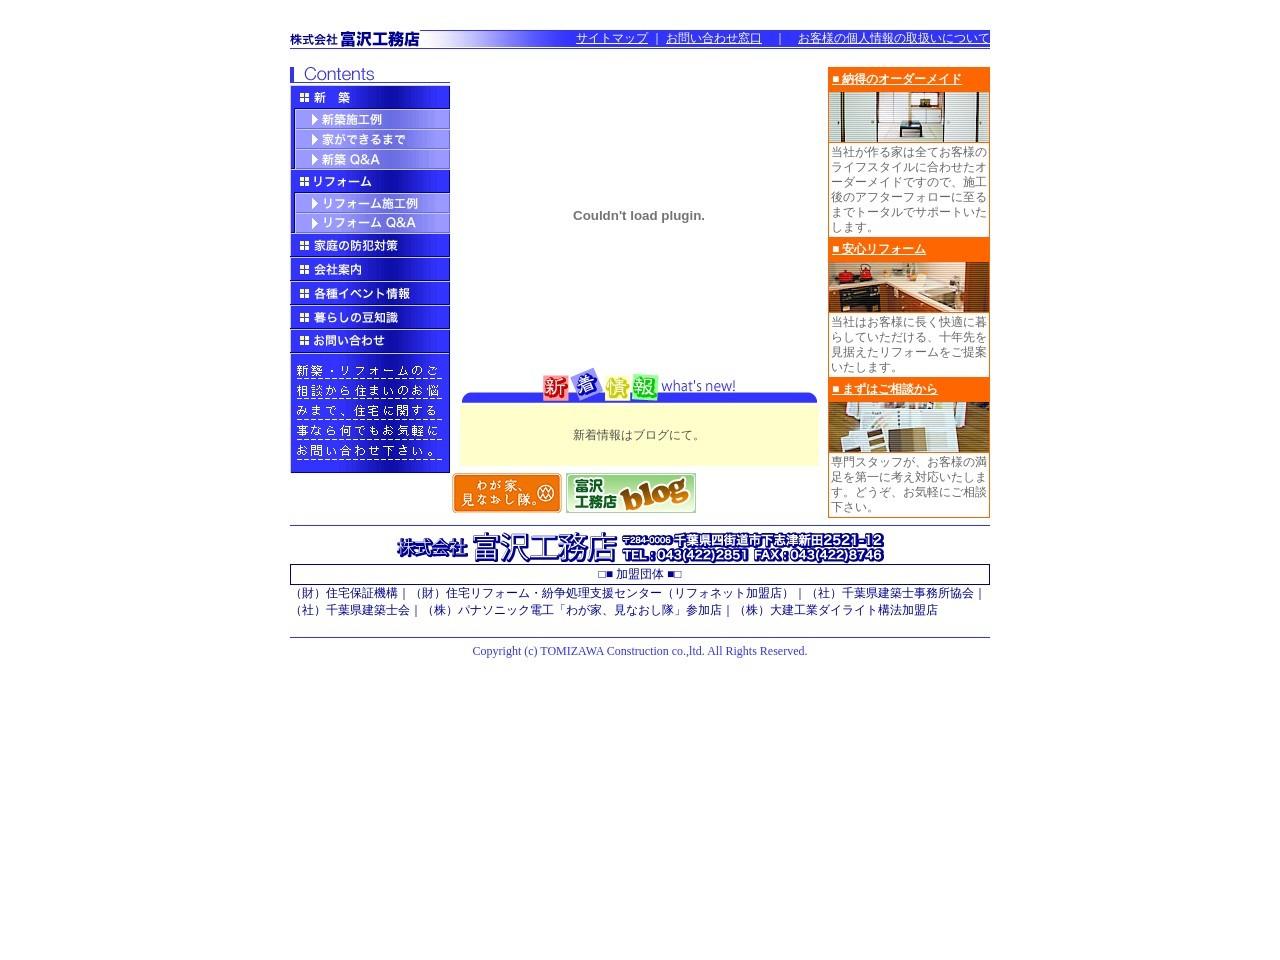 株式会社富沢工務店